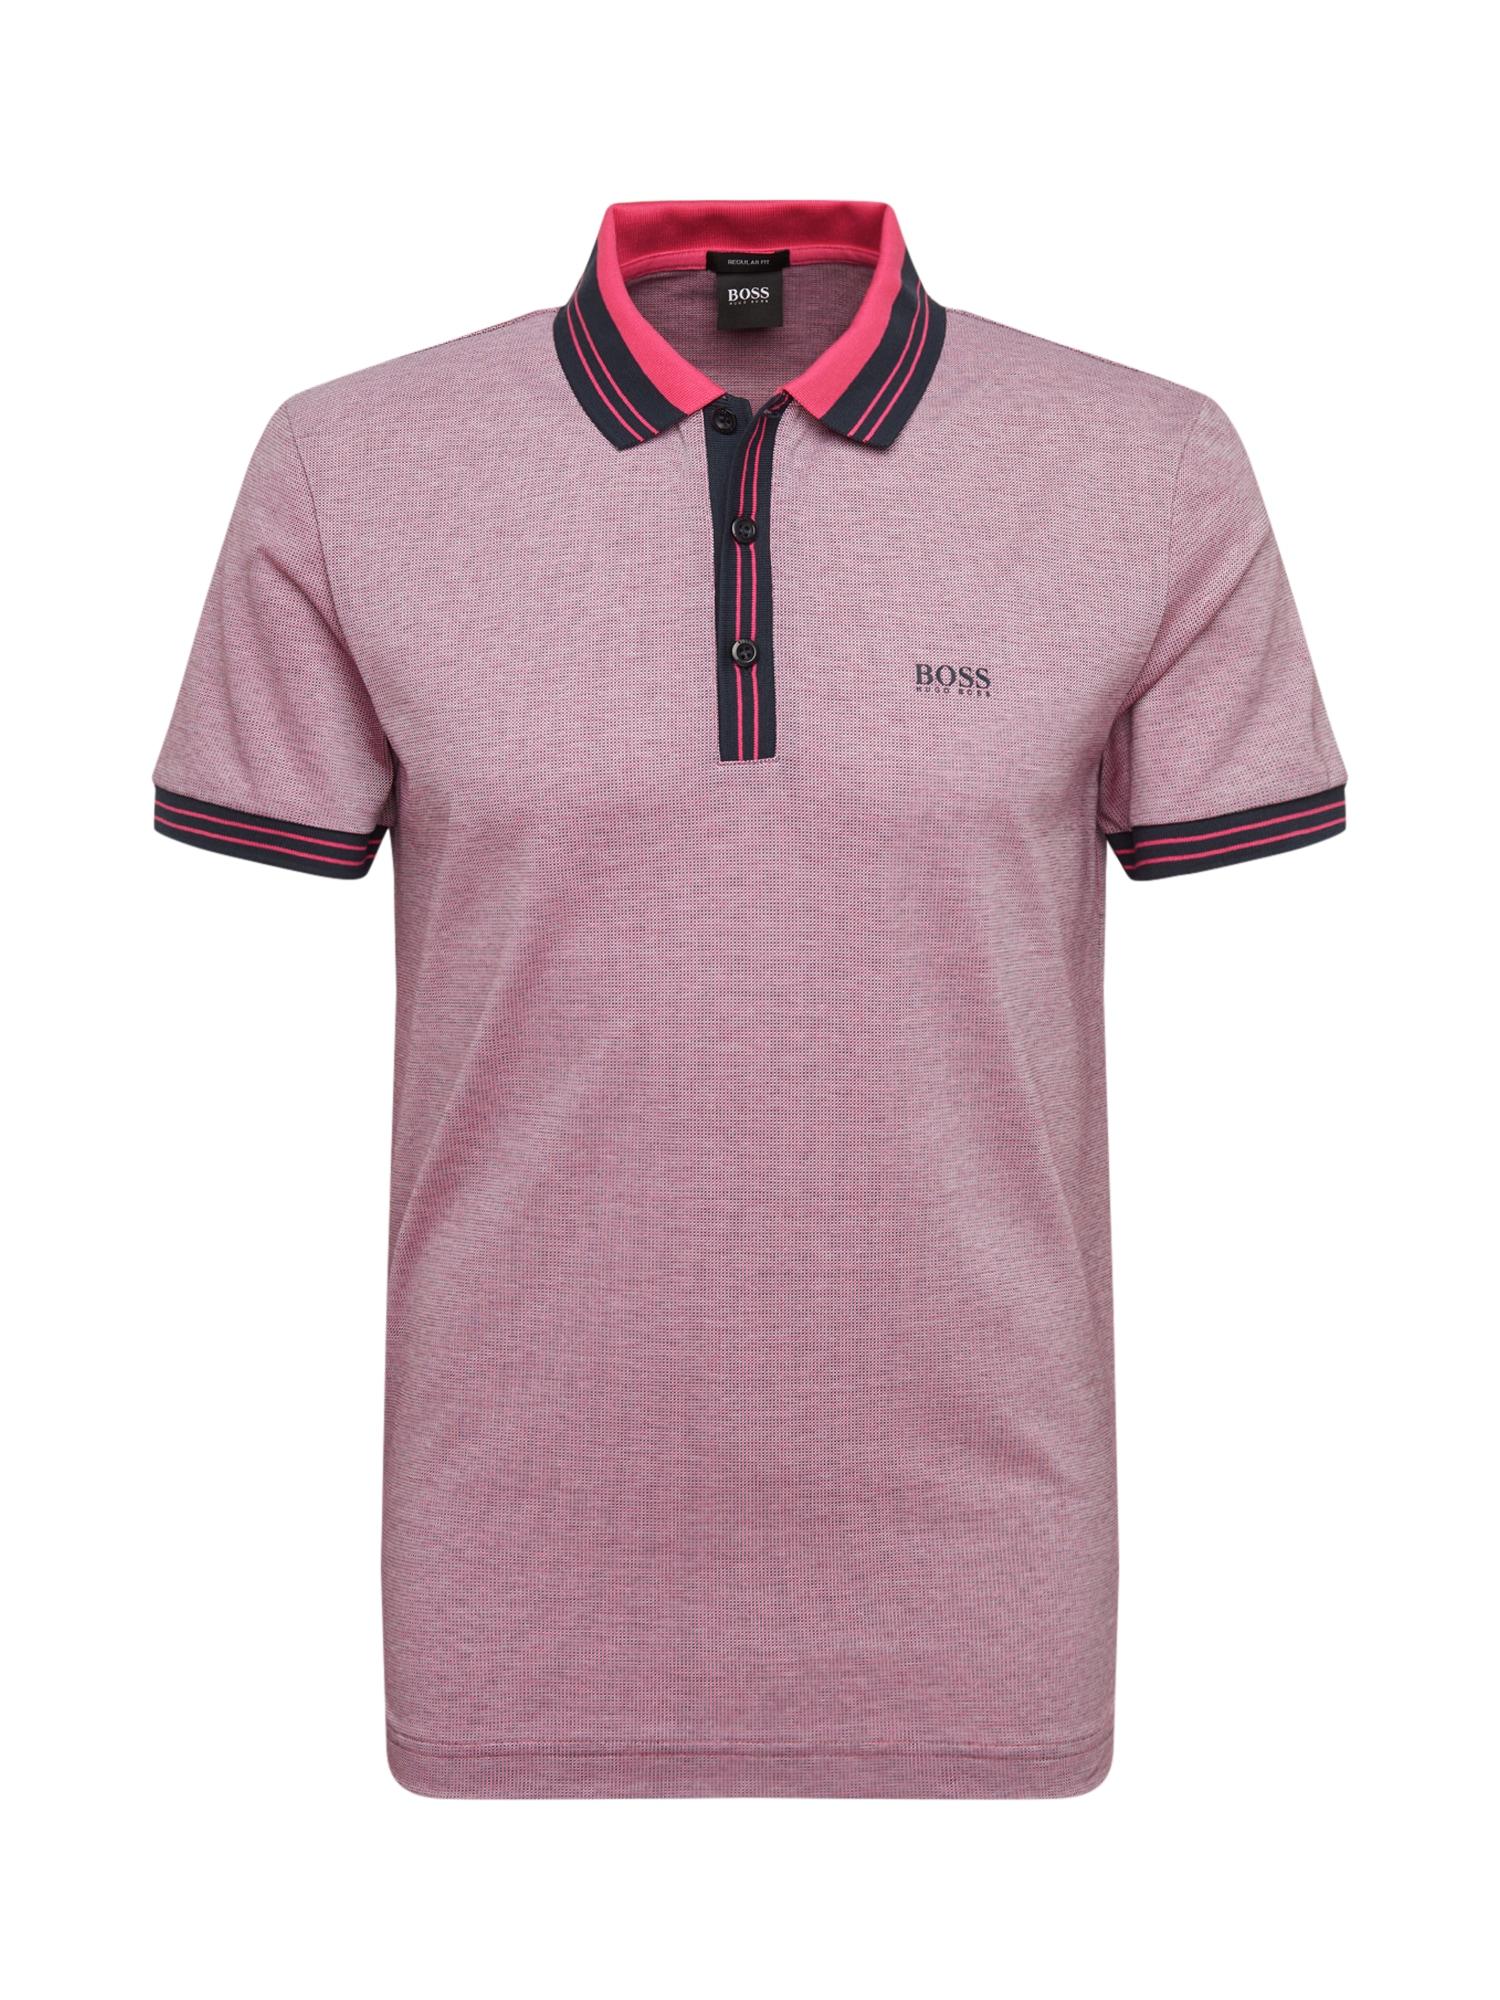 BOSS ATHLEISURE Marškinėliai 'Paddy 2' rožių spalva